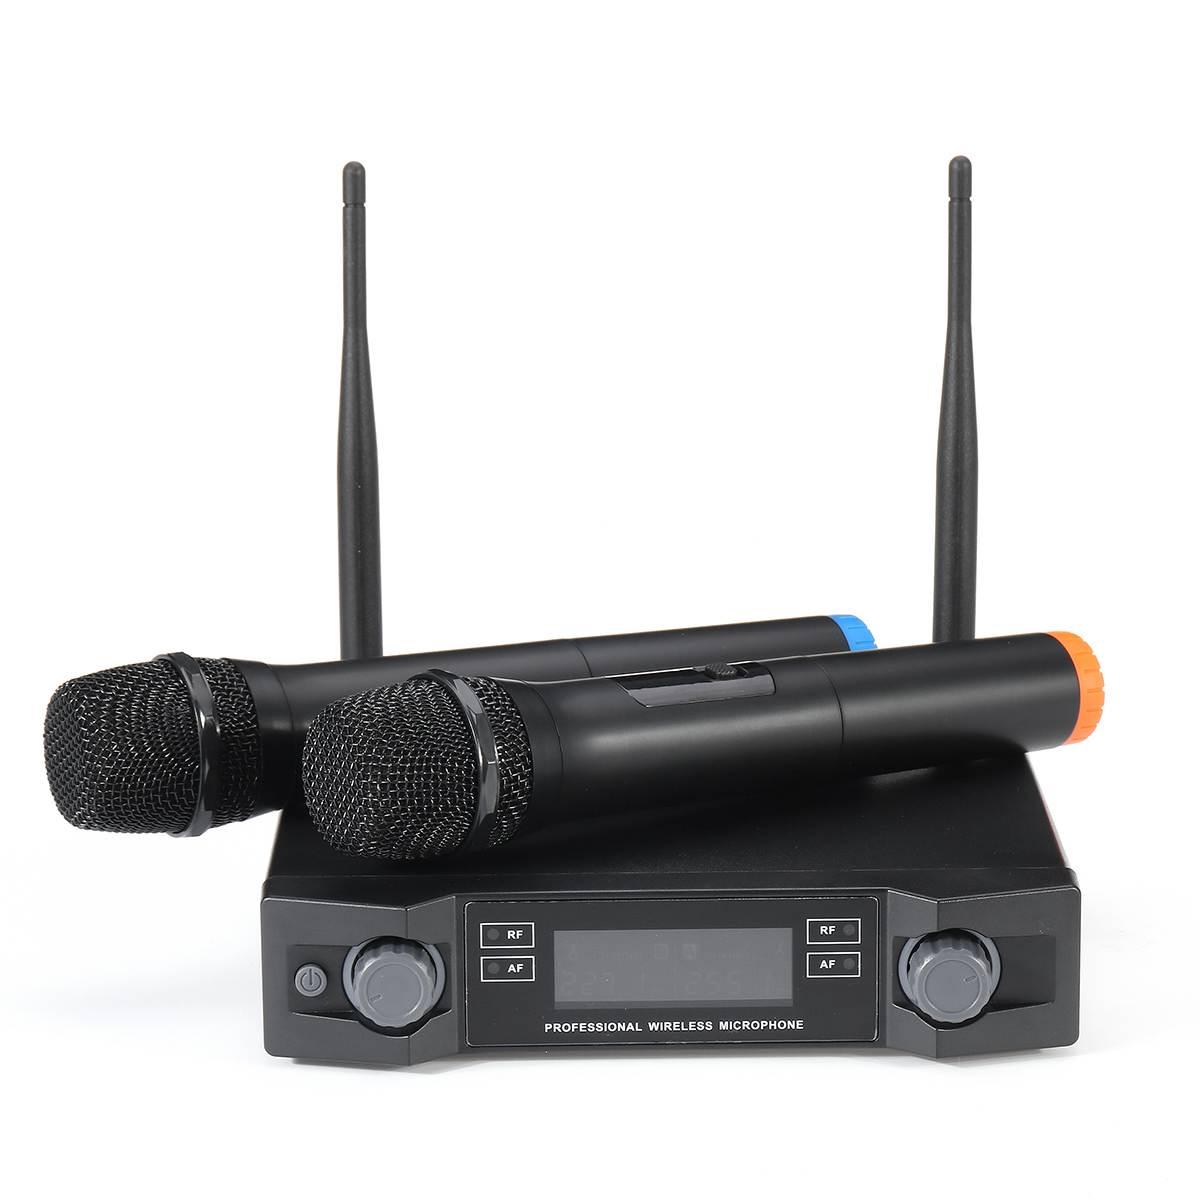 Système de Microphone sans fil UHF dynamique 2 canaux 2 poche karaoké Microphone cardioïde professionnel - 5